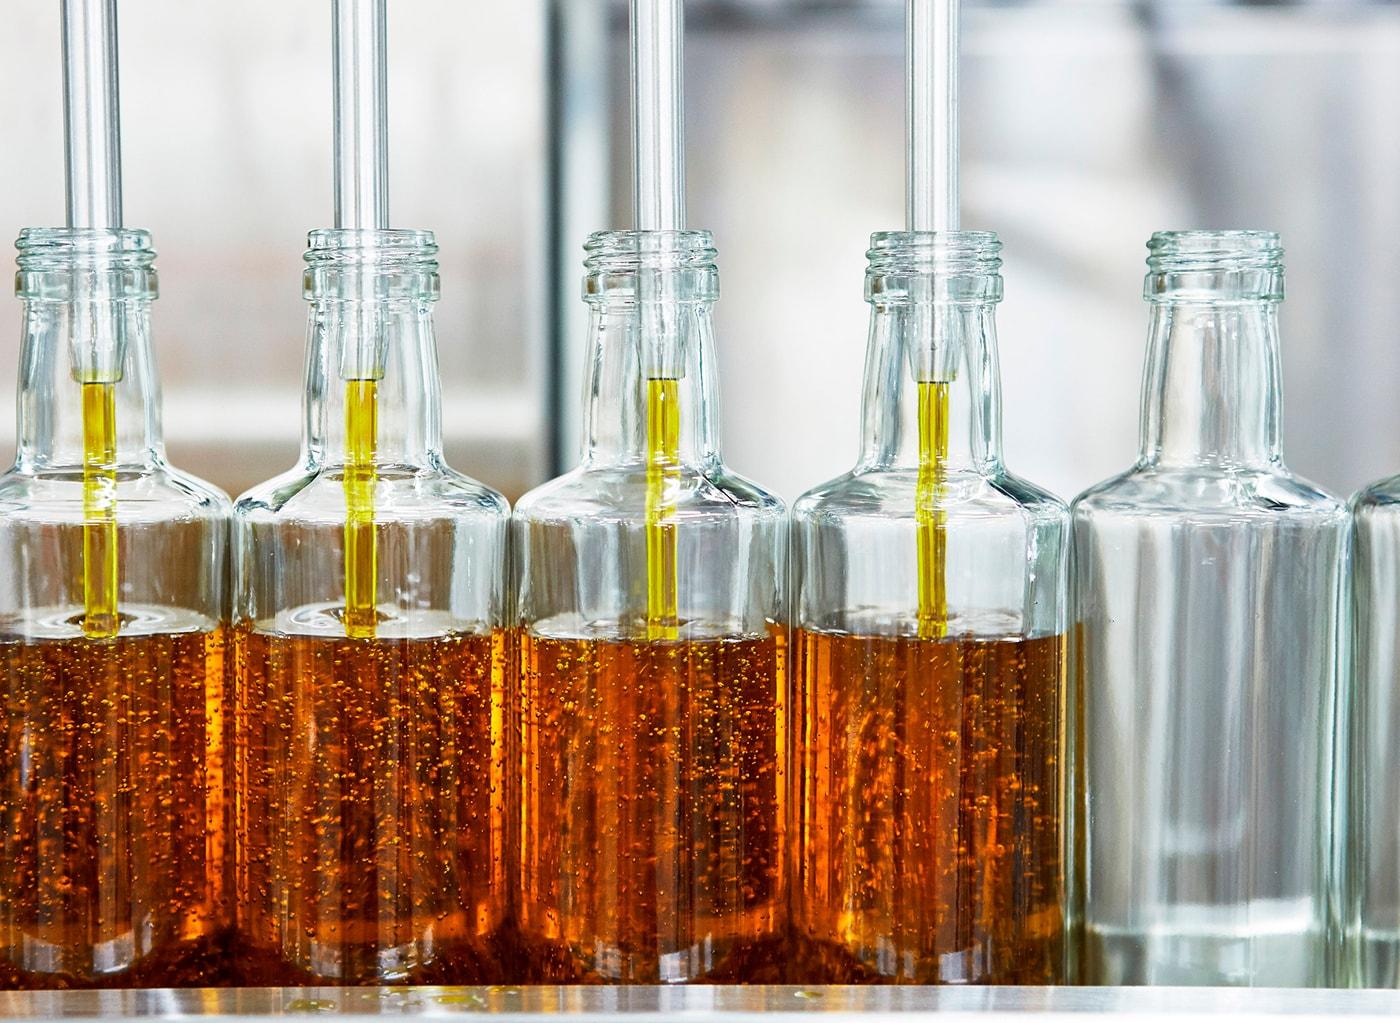 Non sono state usate sostanze chimiche per estrarre l'olio di colza dai semi durante la produzione di SMAKRIK.